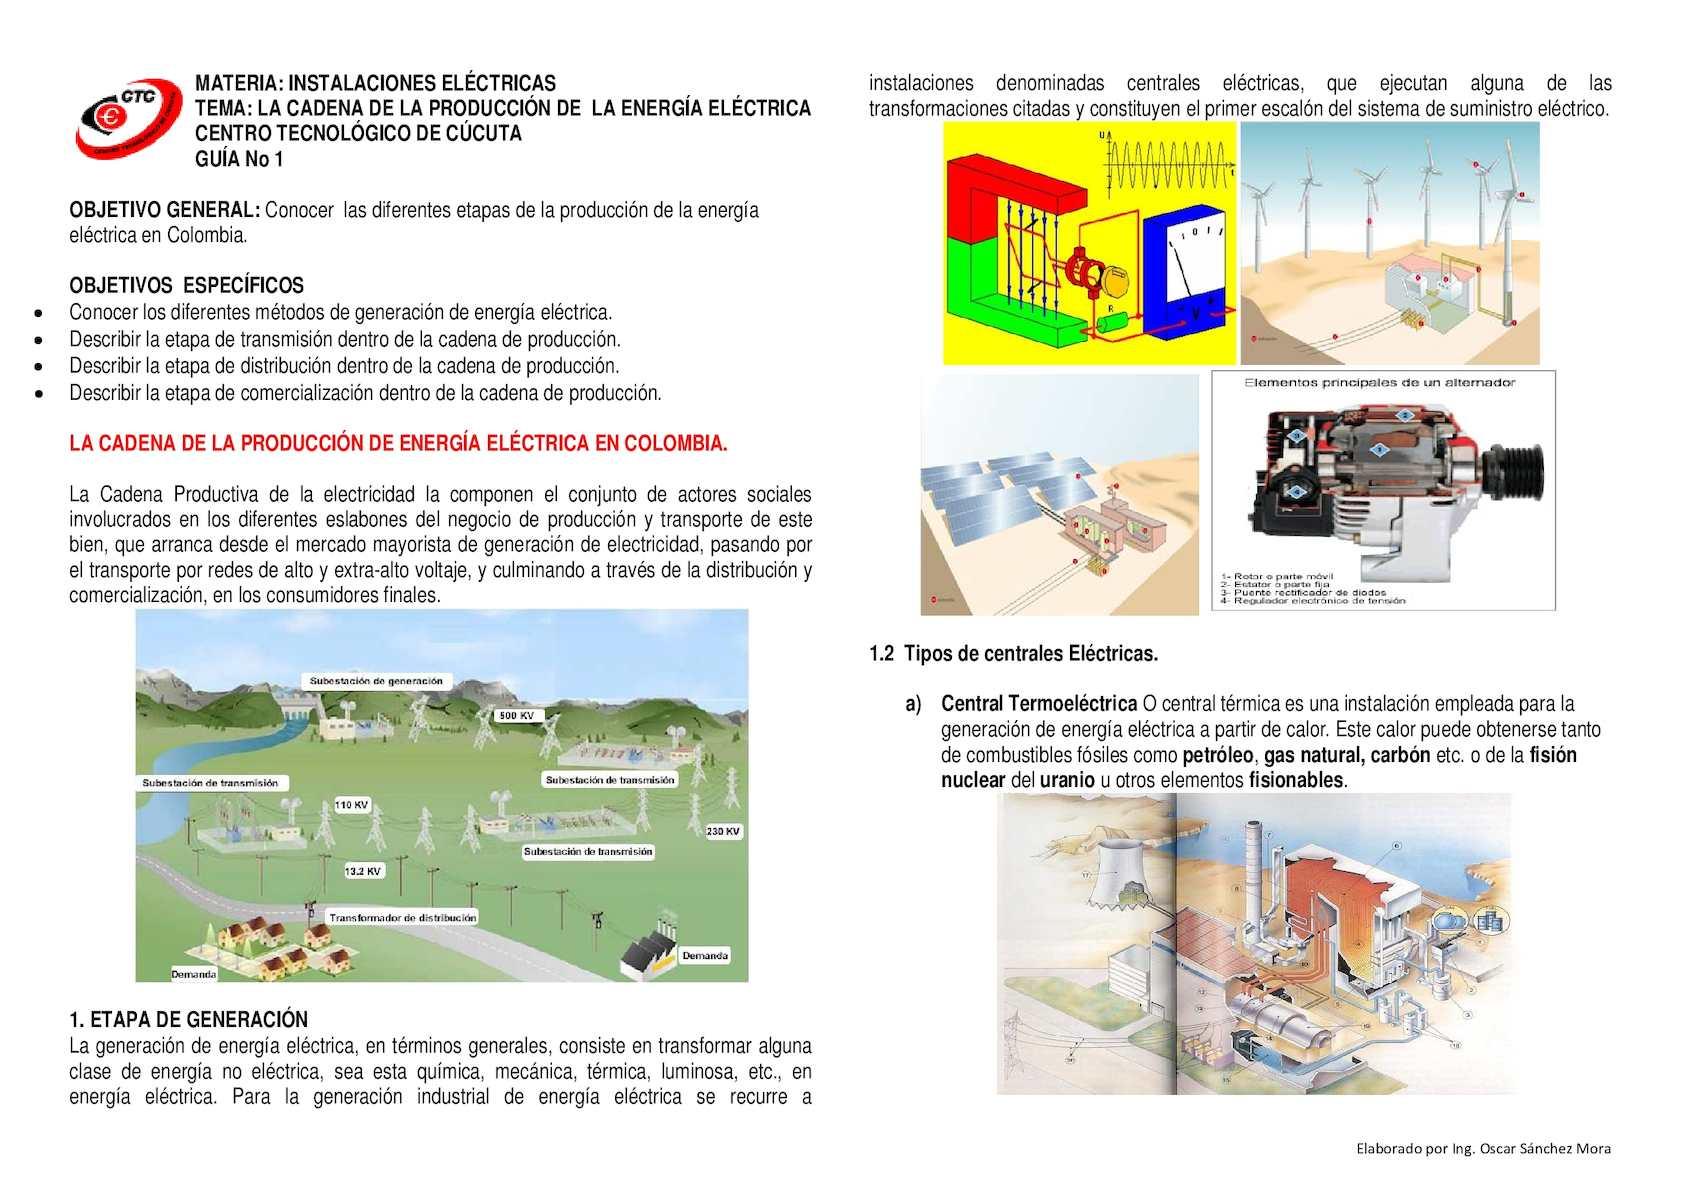 Guia 1 Cadena Generacion De Energia Electrica En Colombia